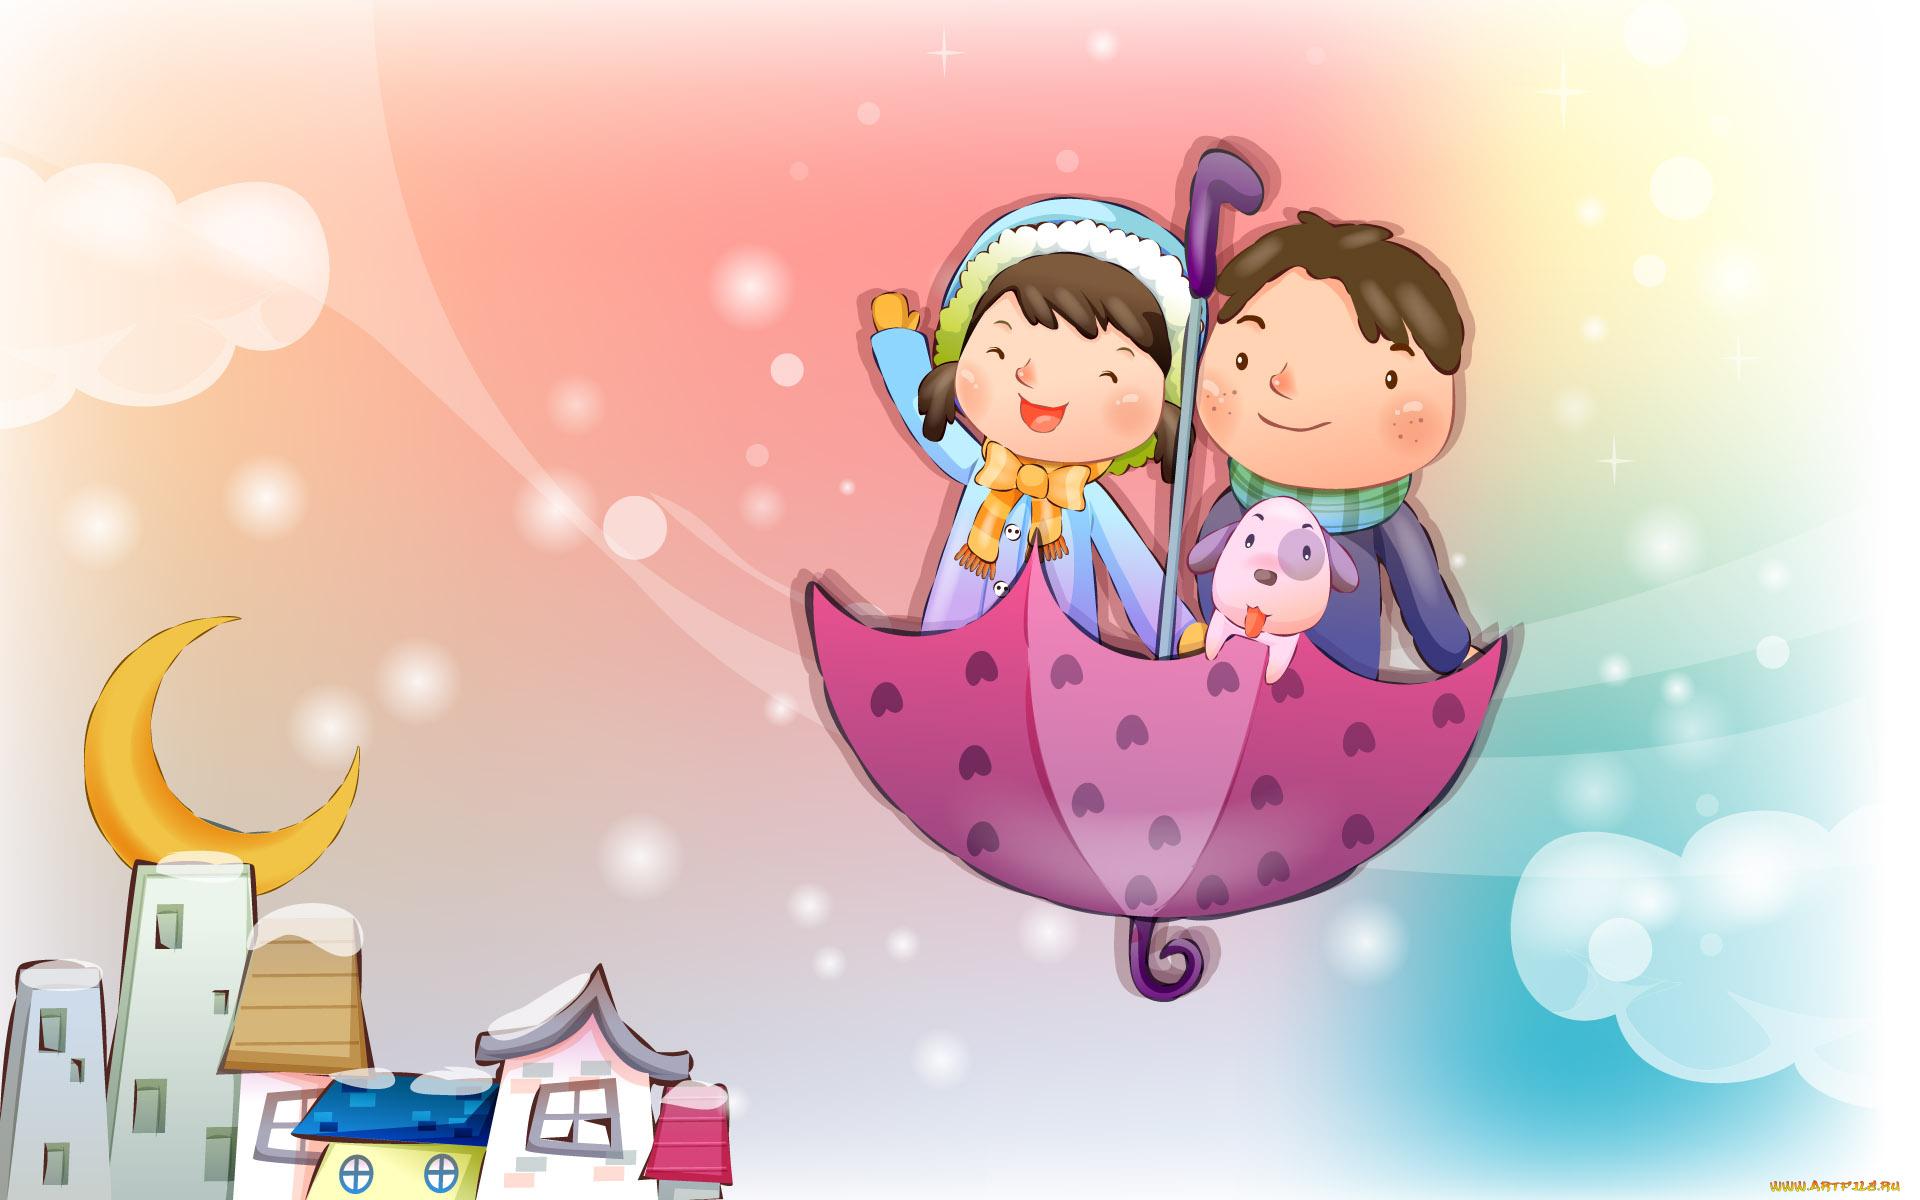 Счастья детям картинки, днем свадьбы фотошоп